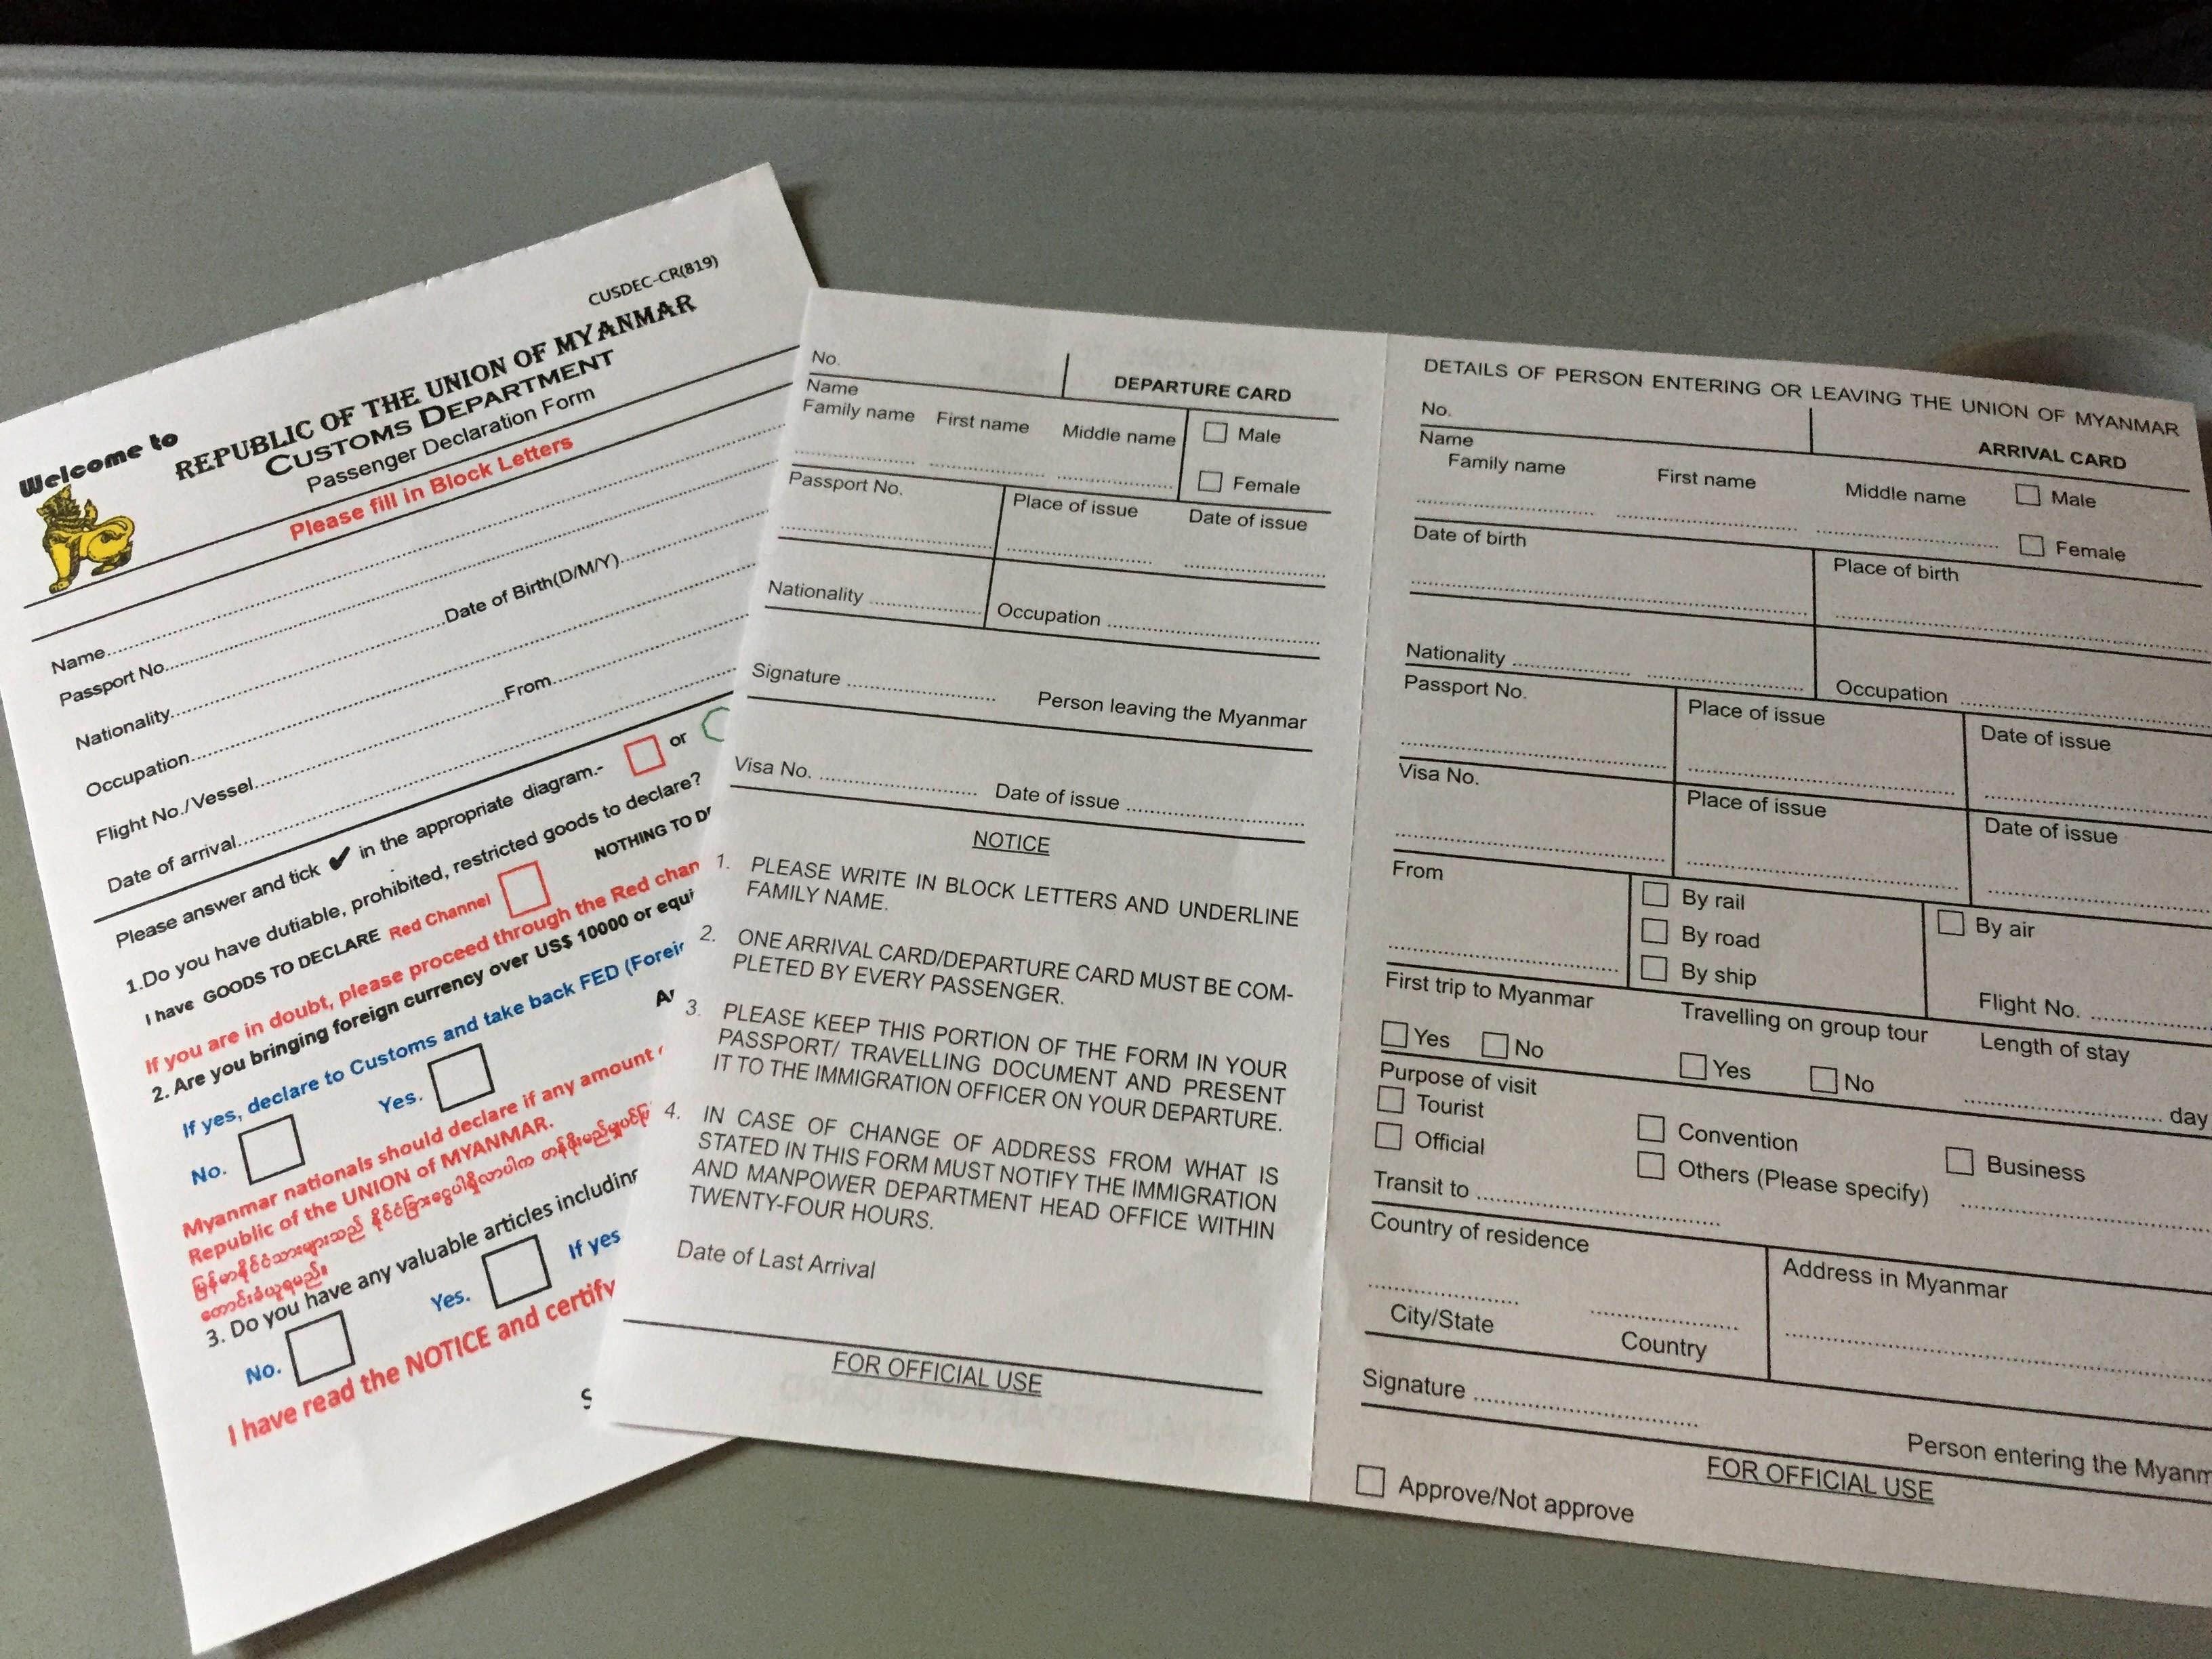 仰光旅遊攻略 : 海關申報單和入境表